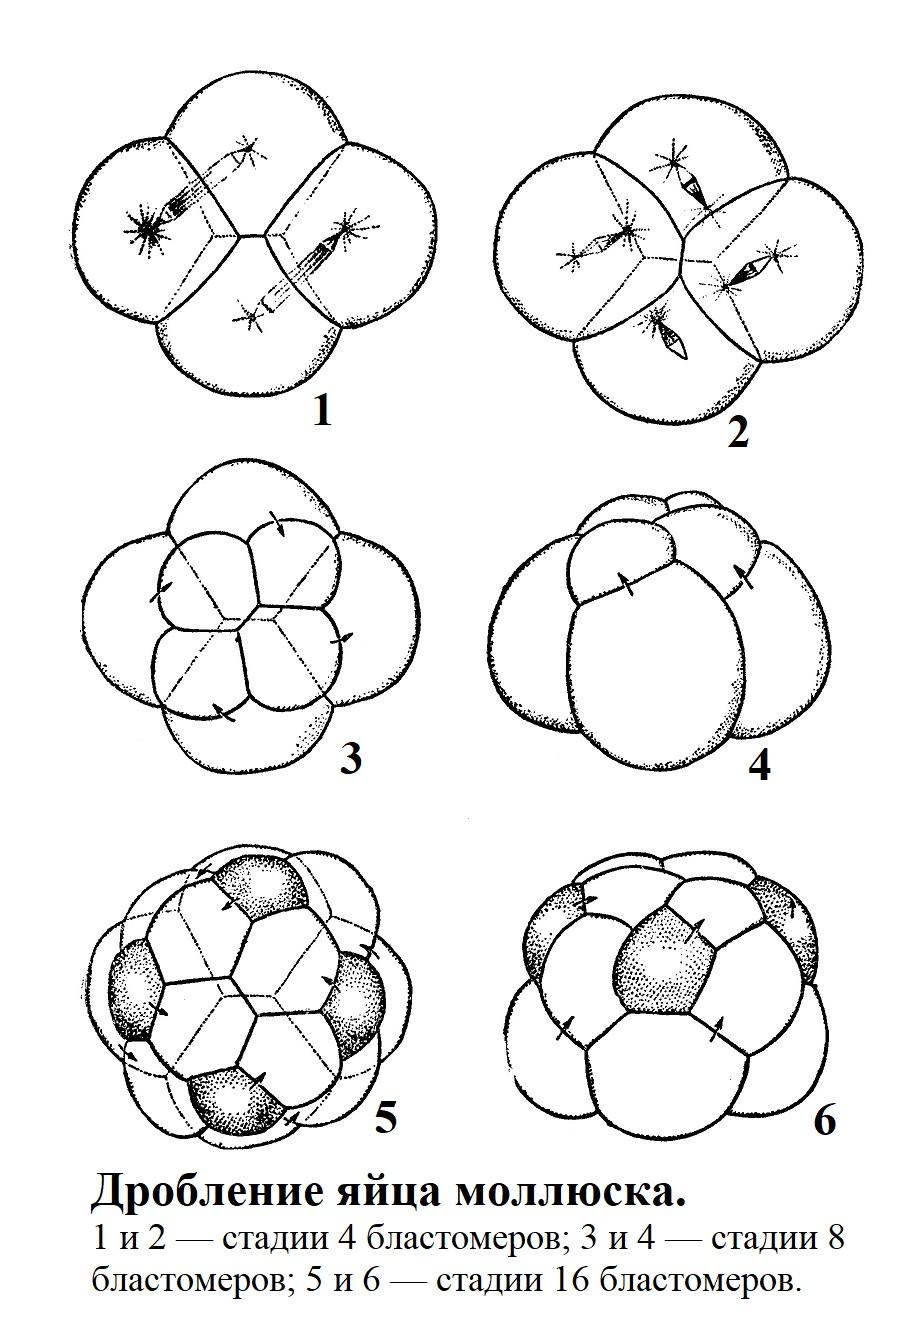 Дробление яйца моллюска